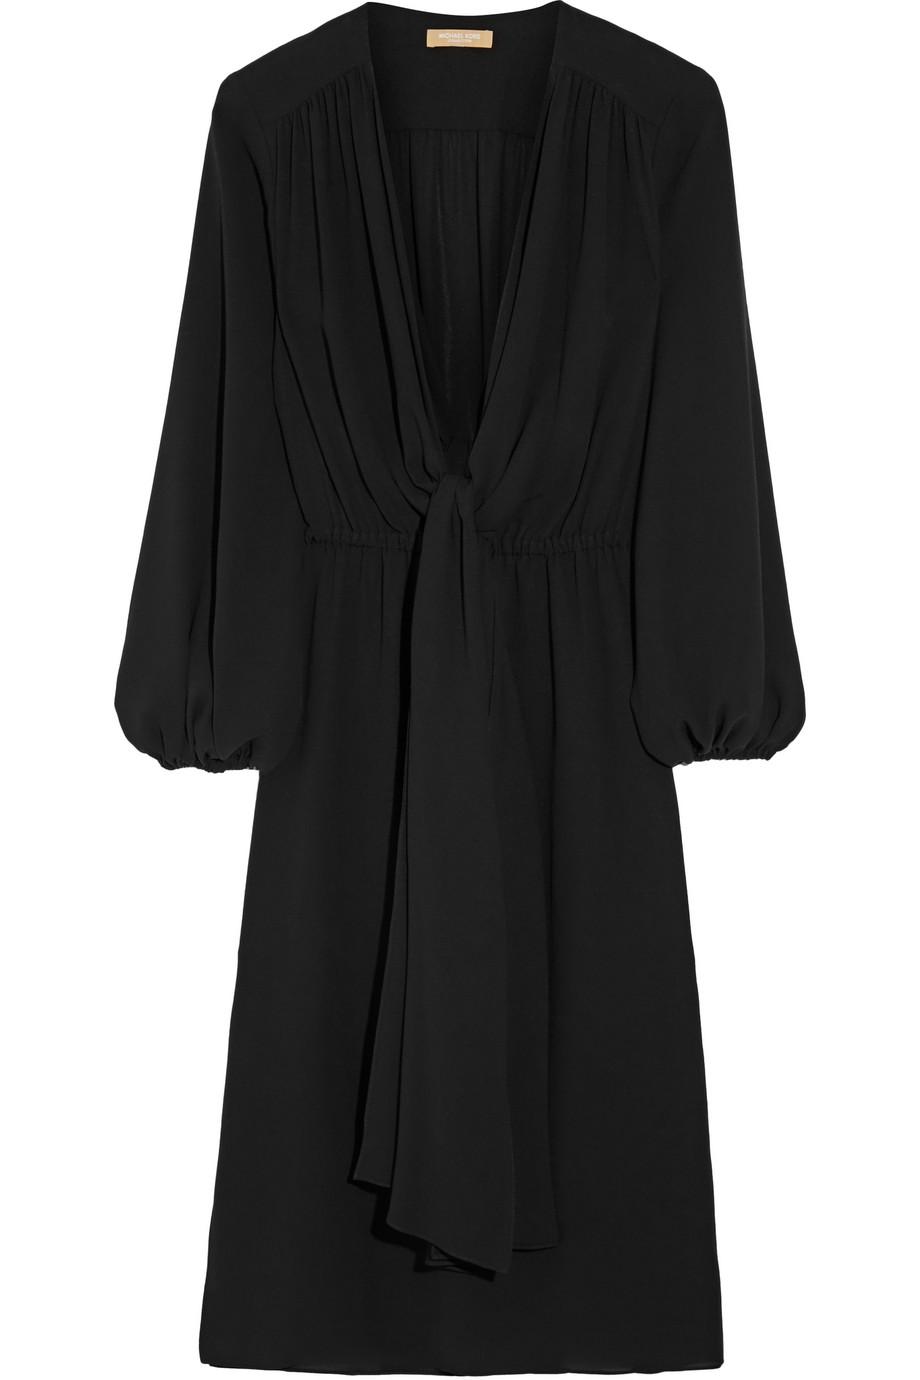 Wrap-Effect Silk-Georgette Dress, Size: 4